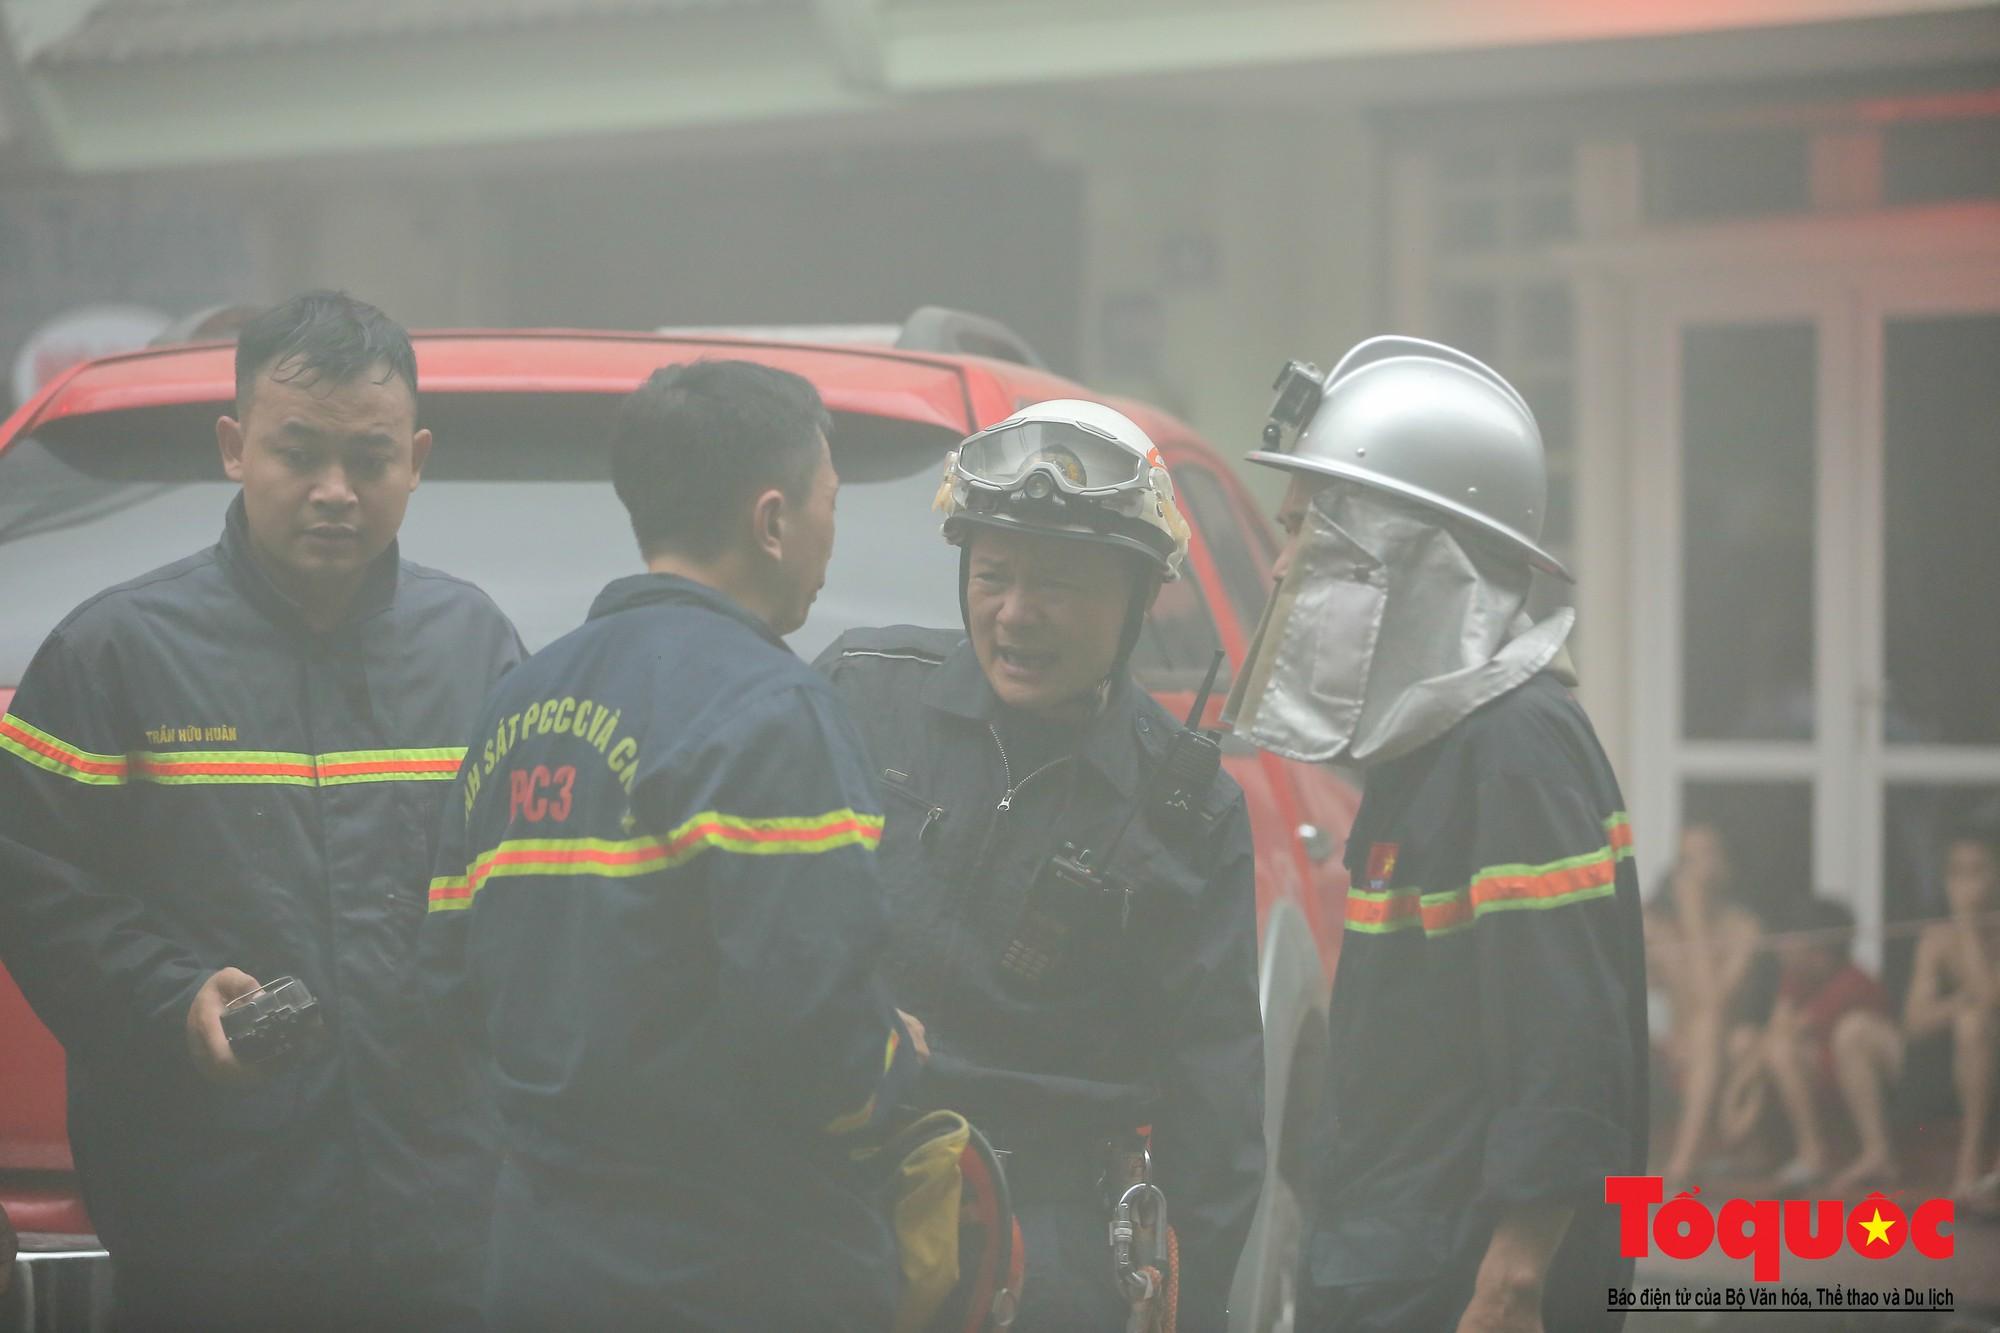 Hà Nội: Cháy khách sạn trên phố cổ, gần 30 người được đưa ra khỏi đám cháy - Ảnh 13.